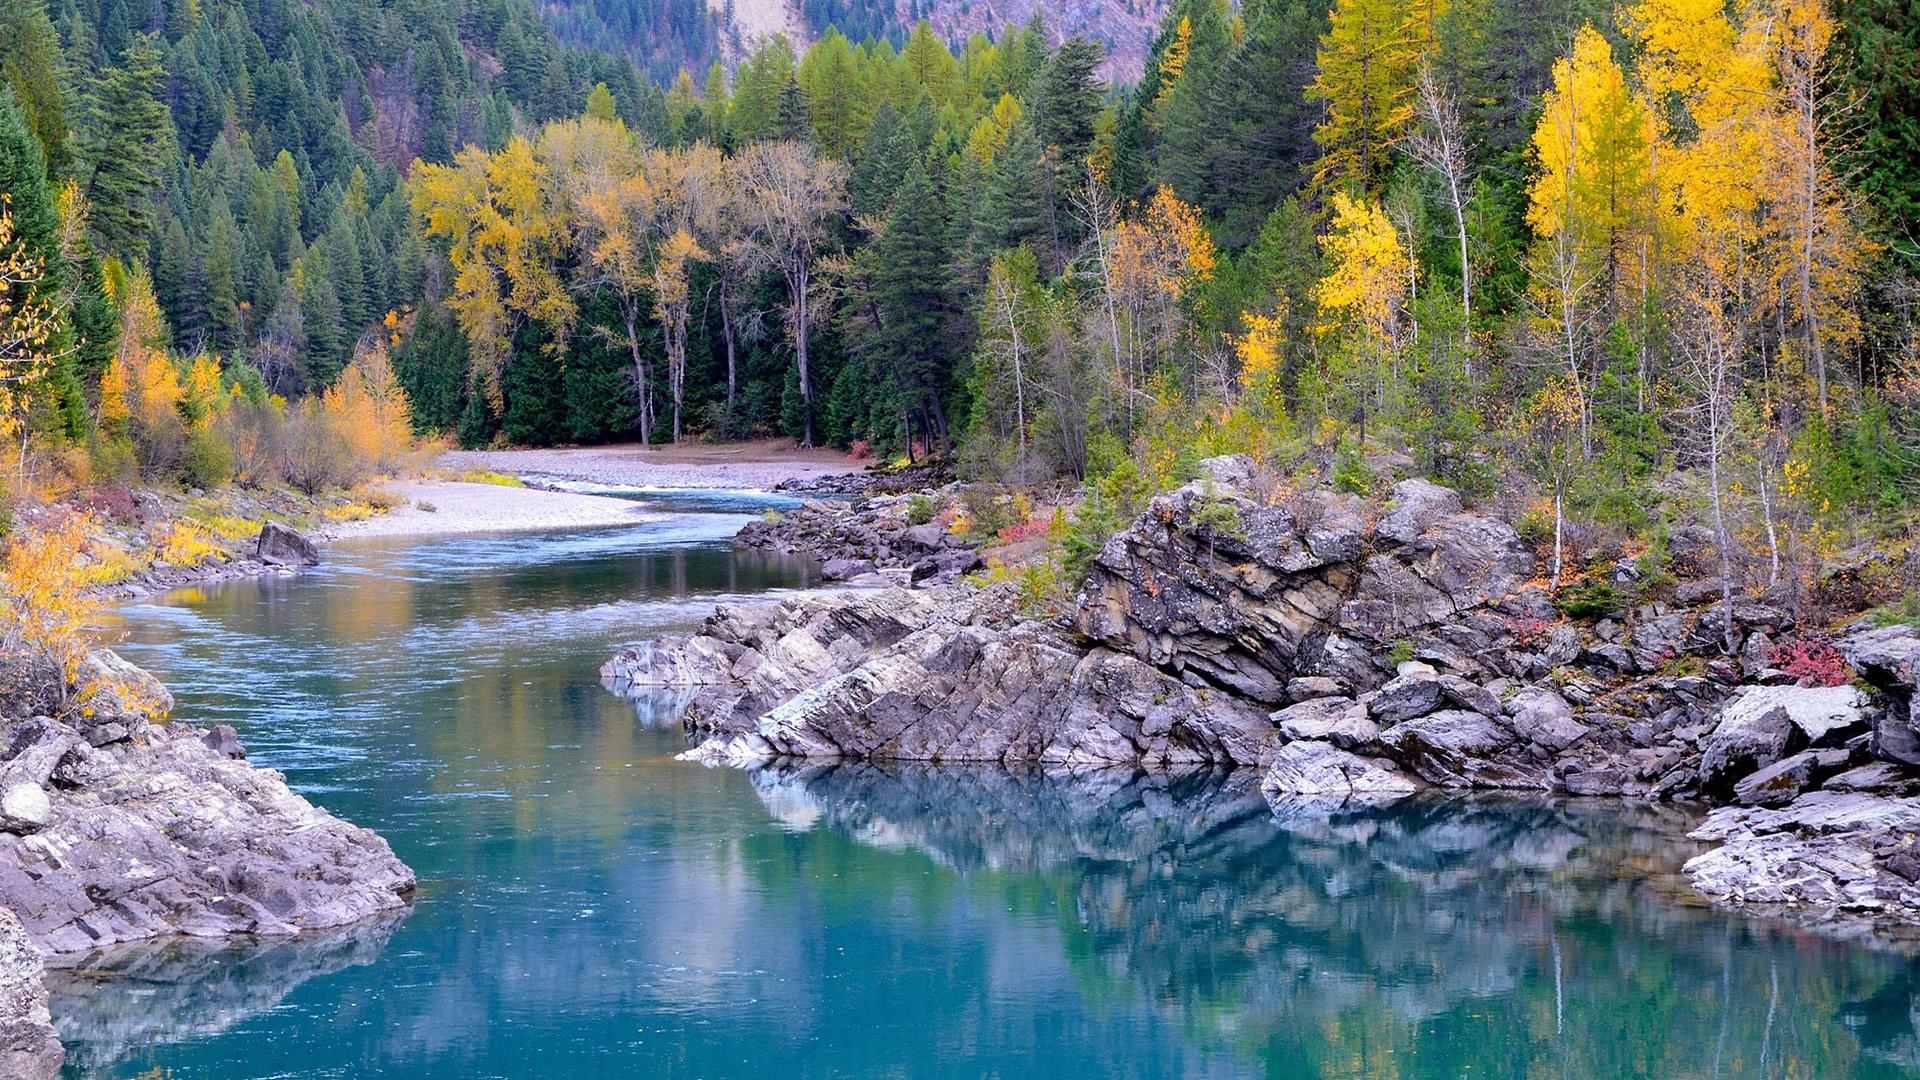 A beleza dessa paisagem irá tornar suas fotos verdadeiros cartões postais.